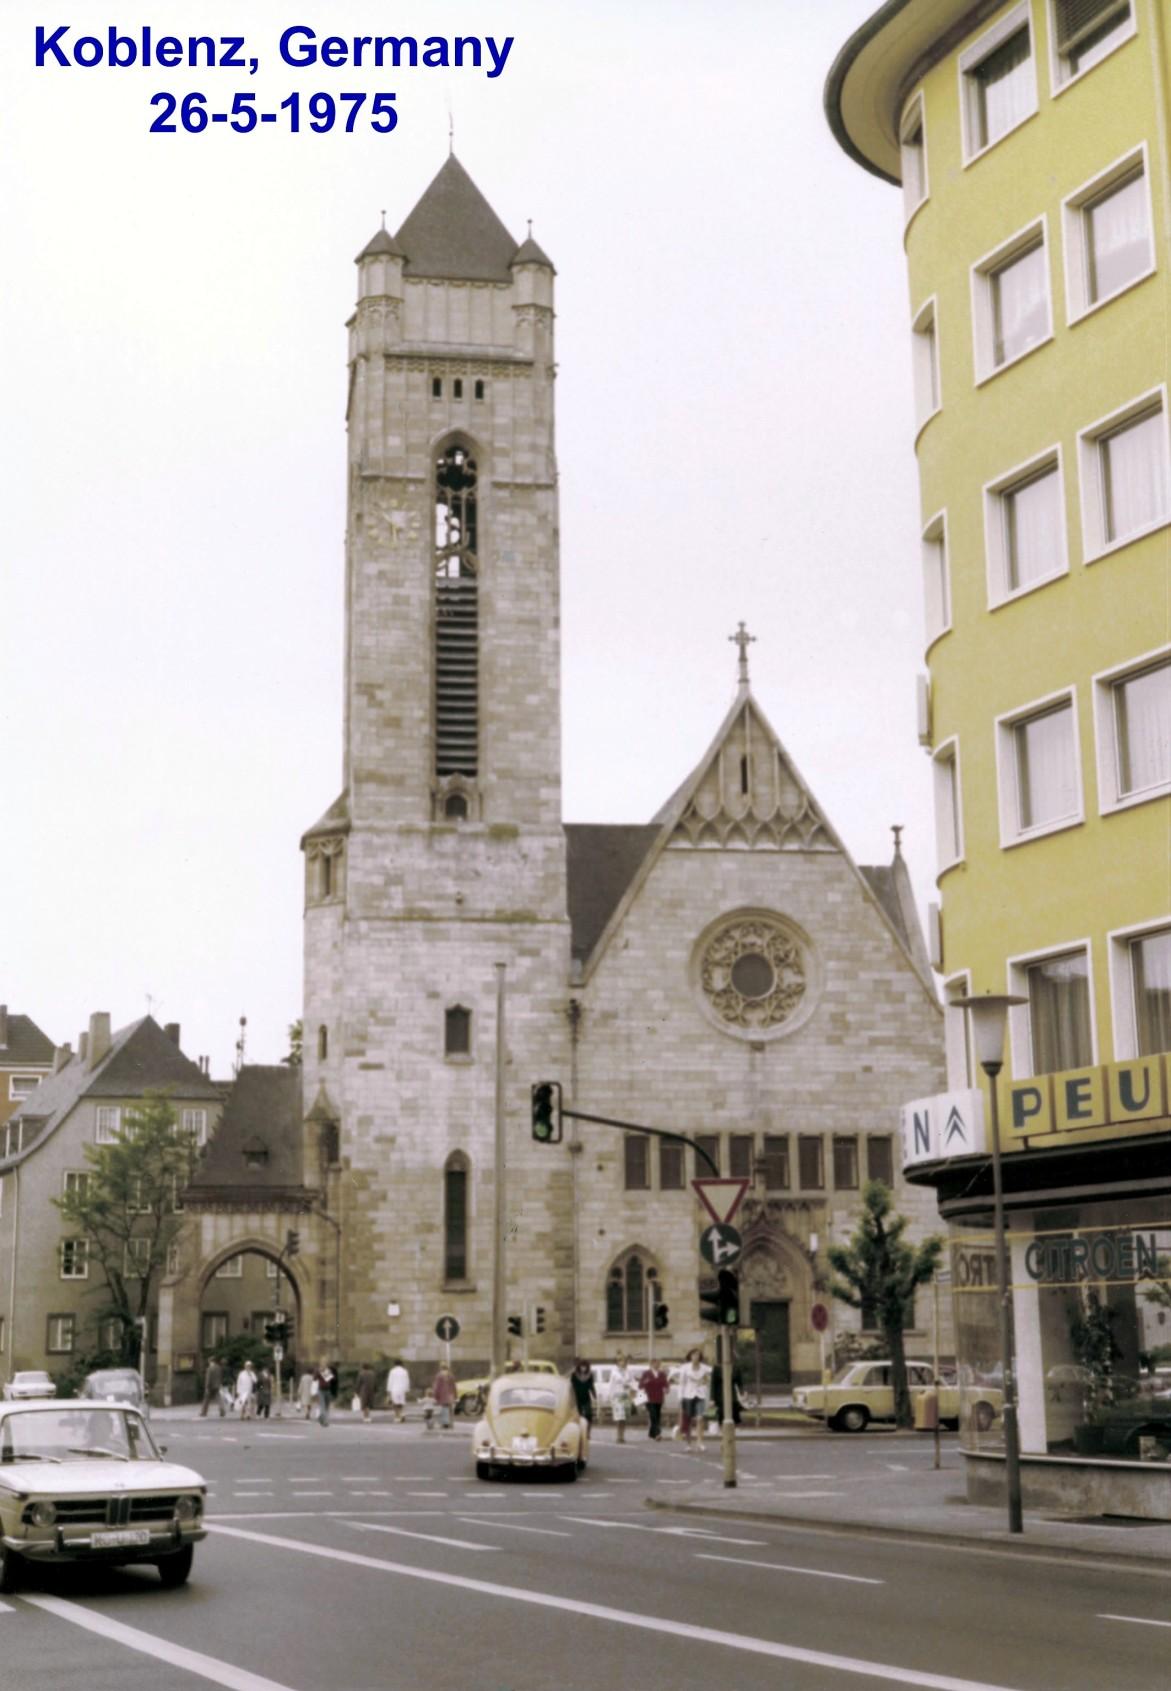 00676 975-05-26 foto de Koblenz Alemanha onde se realizou o NSWG